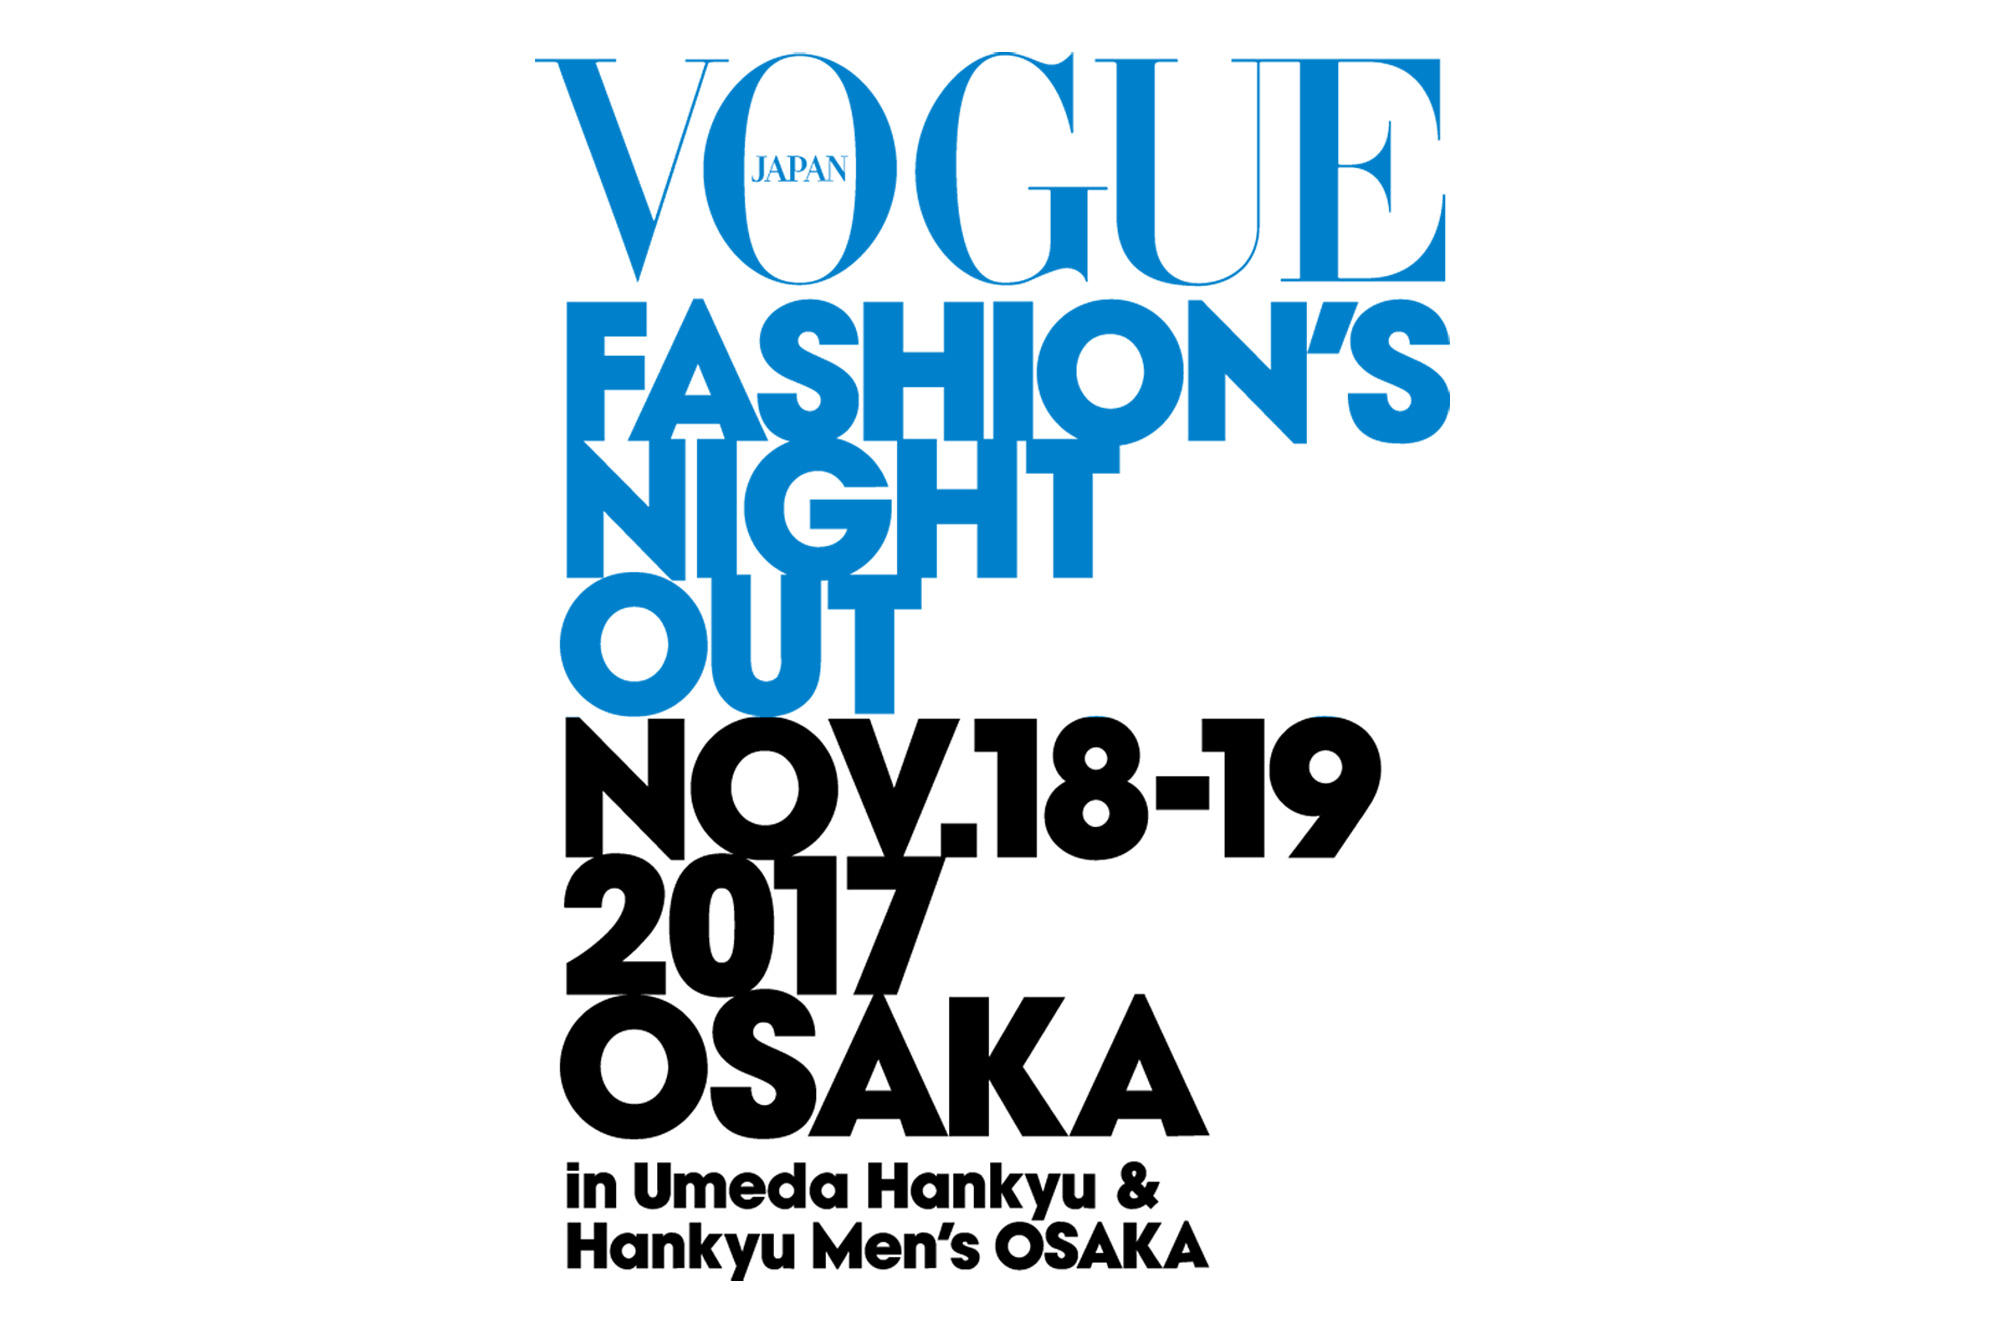 11.18-19 阪急うめだ本店 VOGUE FASHION'S NIGHT OUT 参加のお知らせ